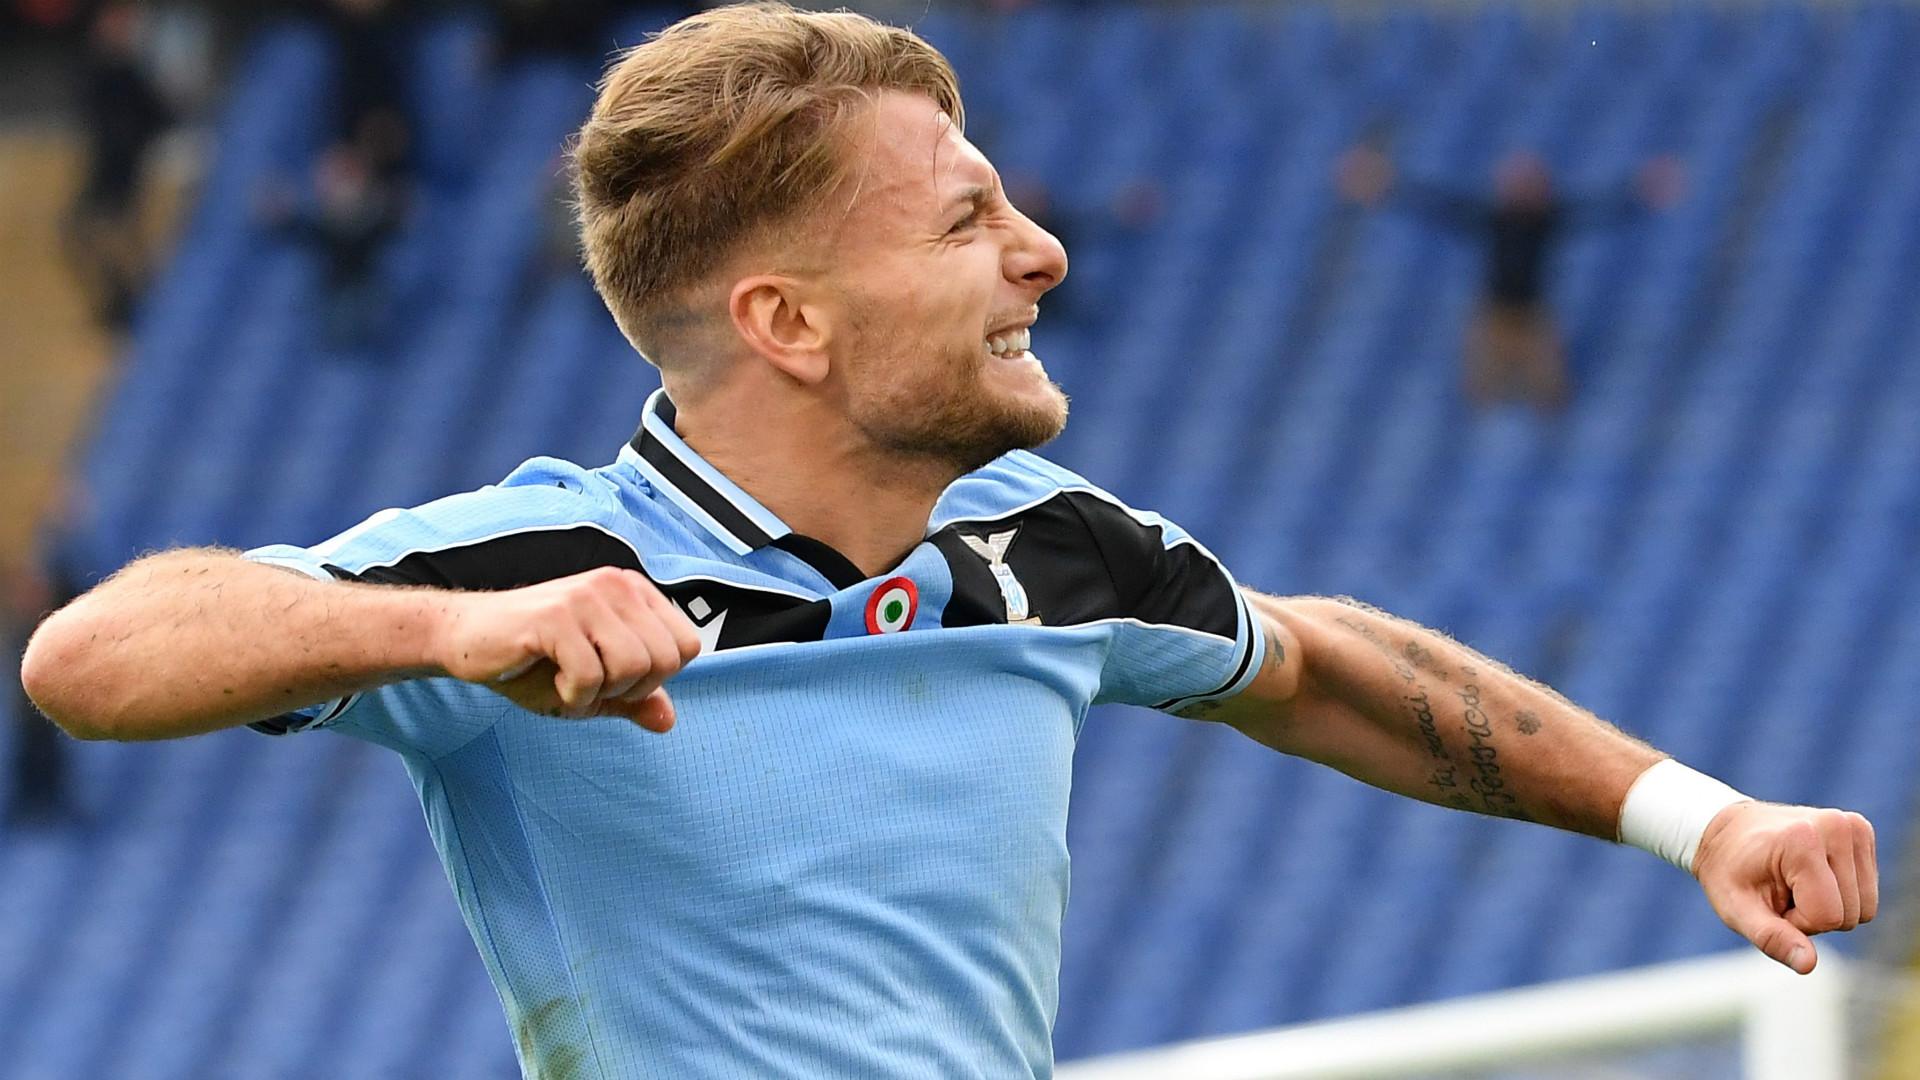 Le Top 10 des attaquants les plus prolifiques en Serie A